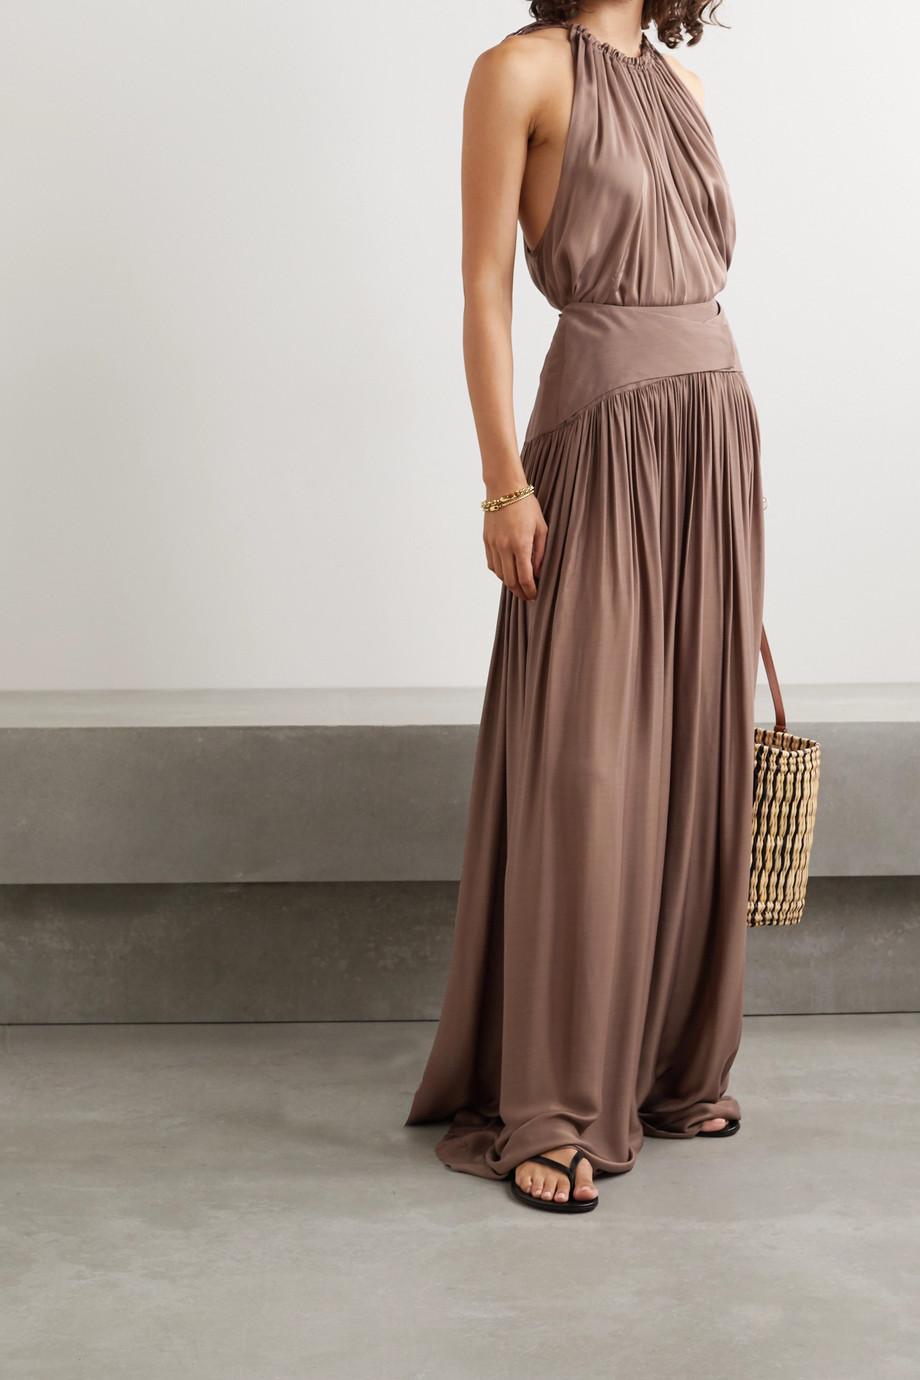 BONDI BORN + NET SUSTAIN Ripple gathered washed-satin maxi skirt